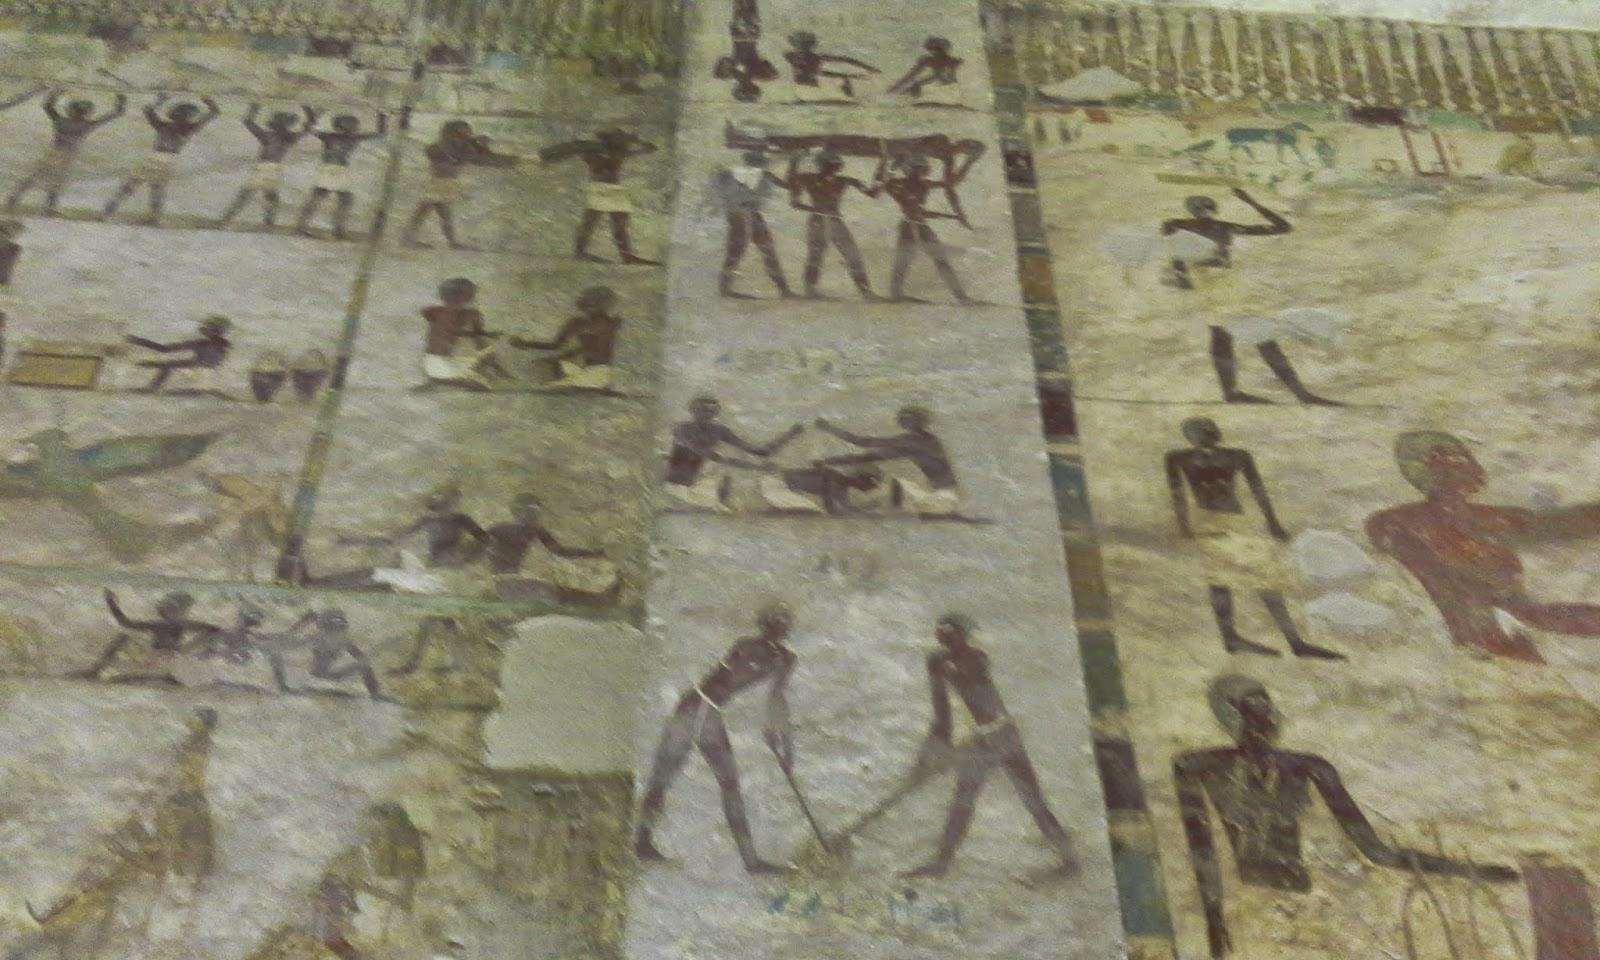 مشهد للألعاب الرياضية من مقابر بنى حسن بالمنيا